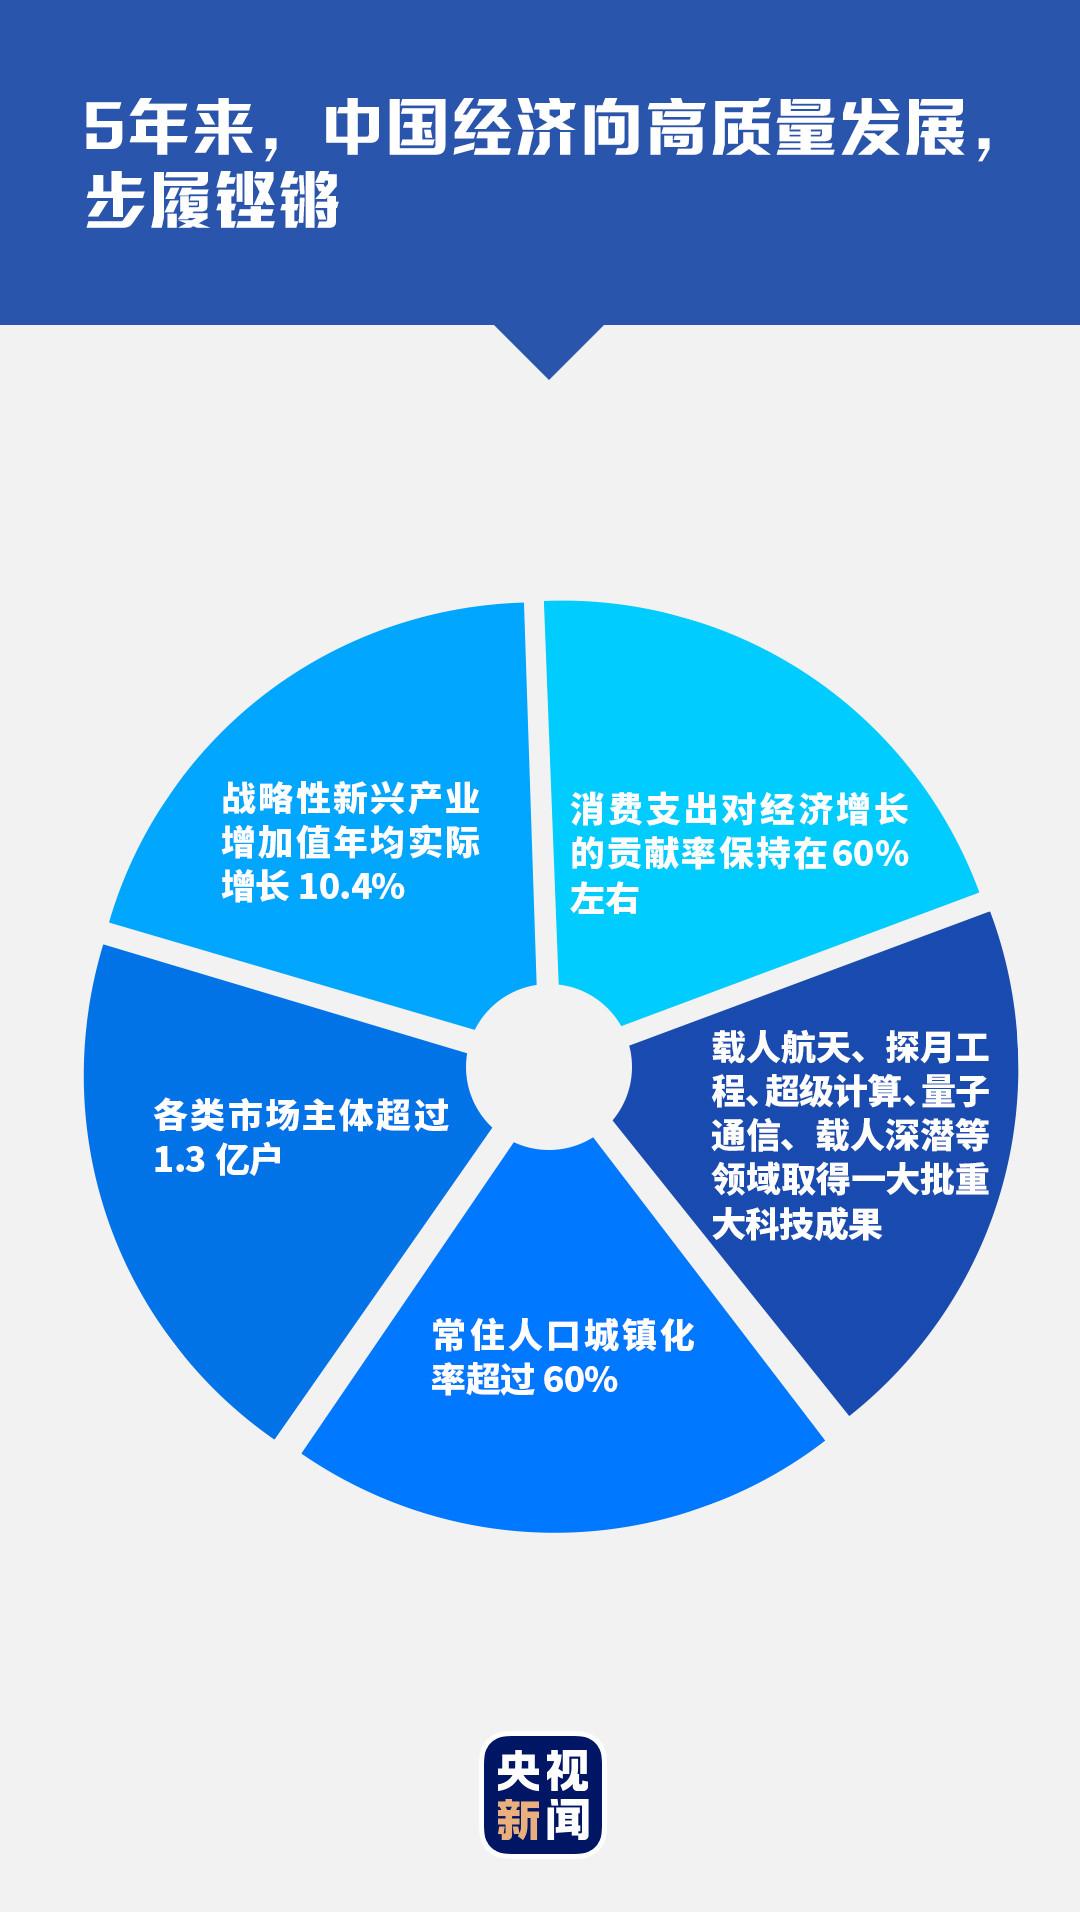 習近平領航中國經濟巨輪破浪前行-圖9